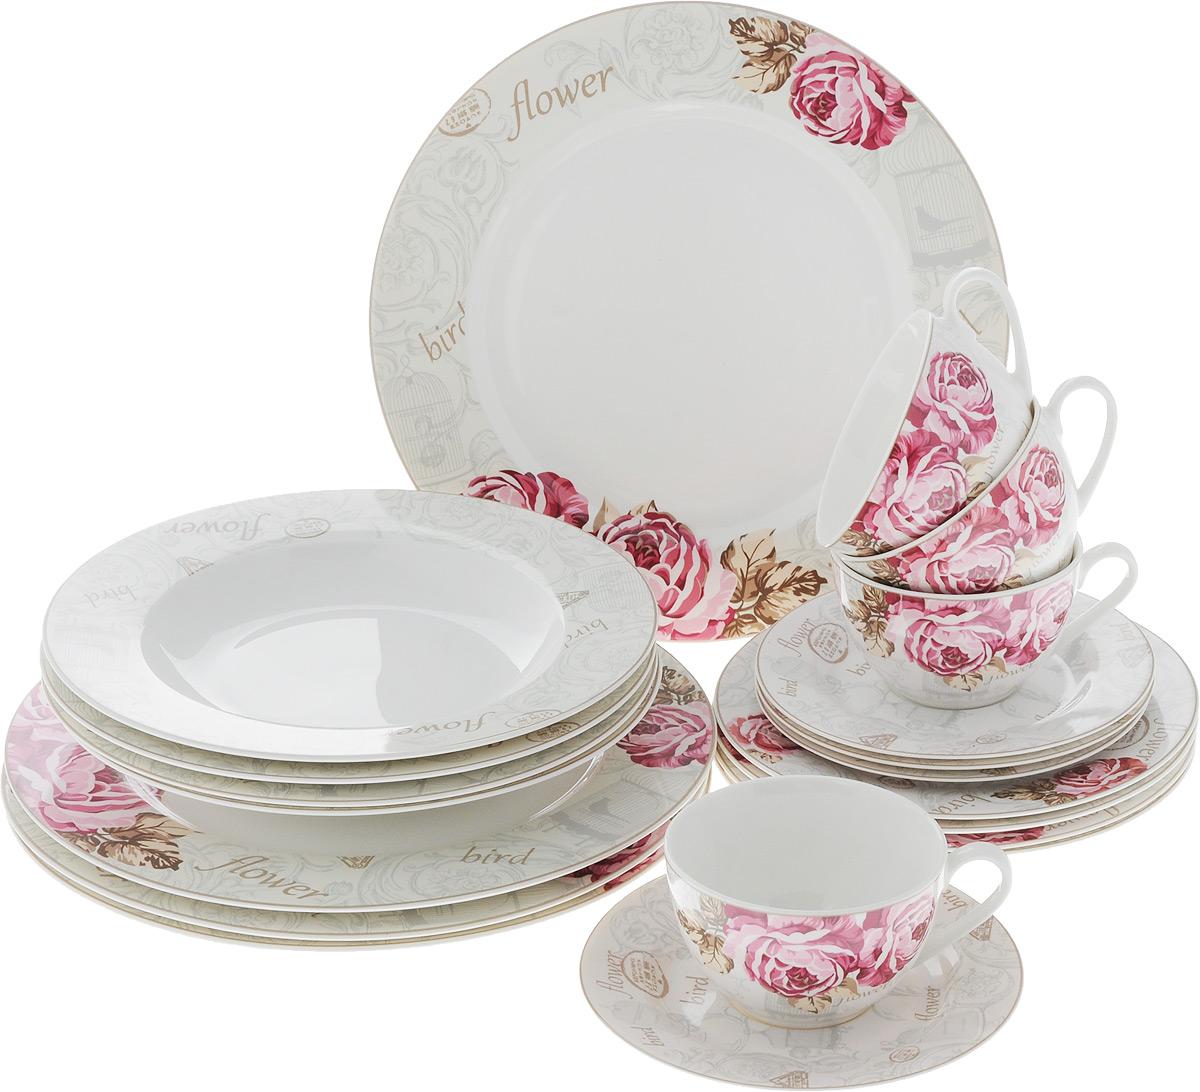 """Набор столовой посуды """"Цветы и птицы"""", 20 предметов. 15-272, Wayone Porcelain"""